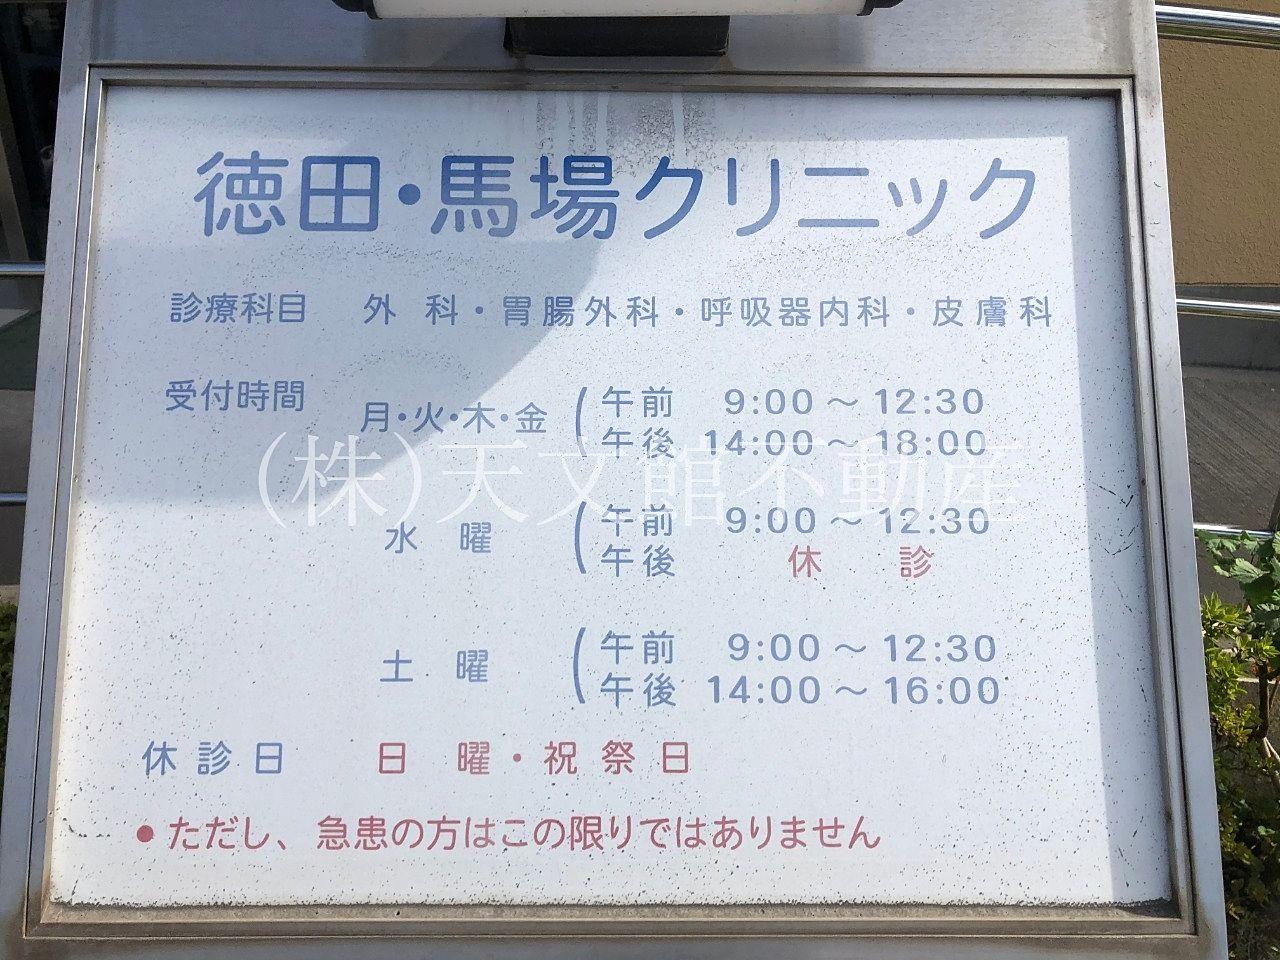 鹿児島市伊敷2丁目の徳田馬場クリニックの営業時間はこちらです。